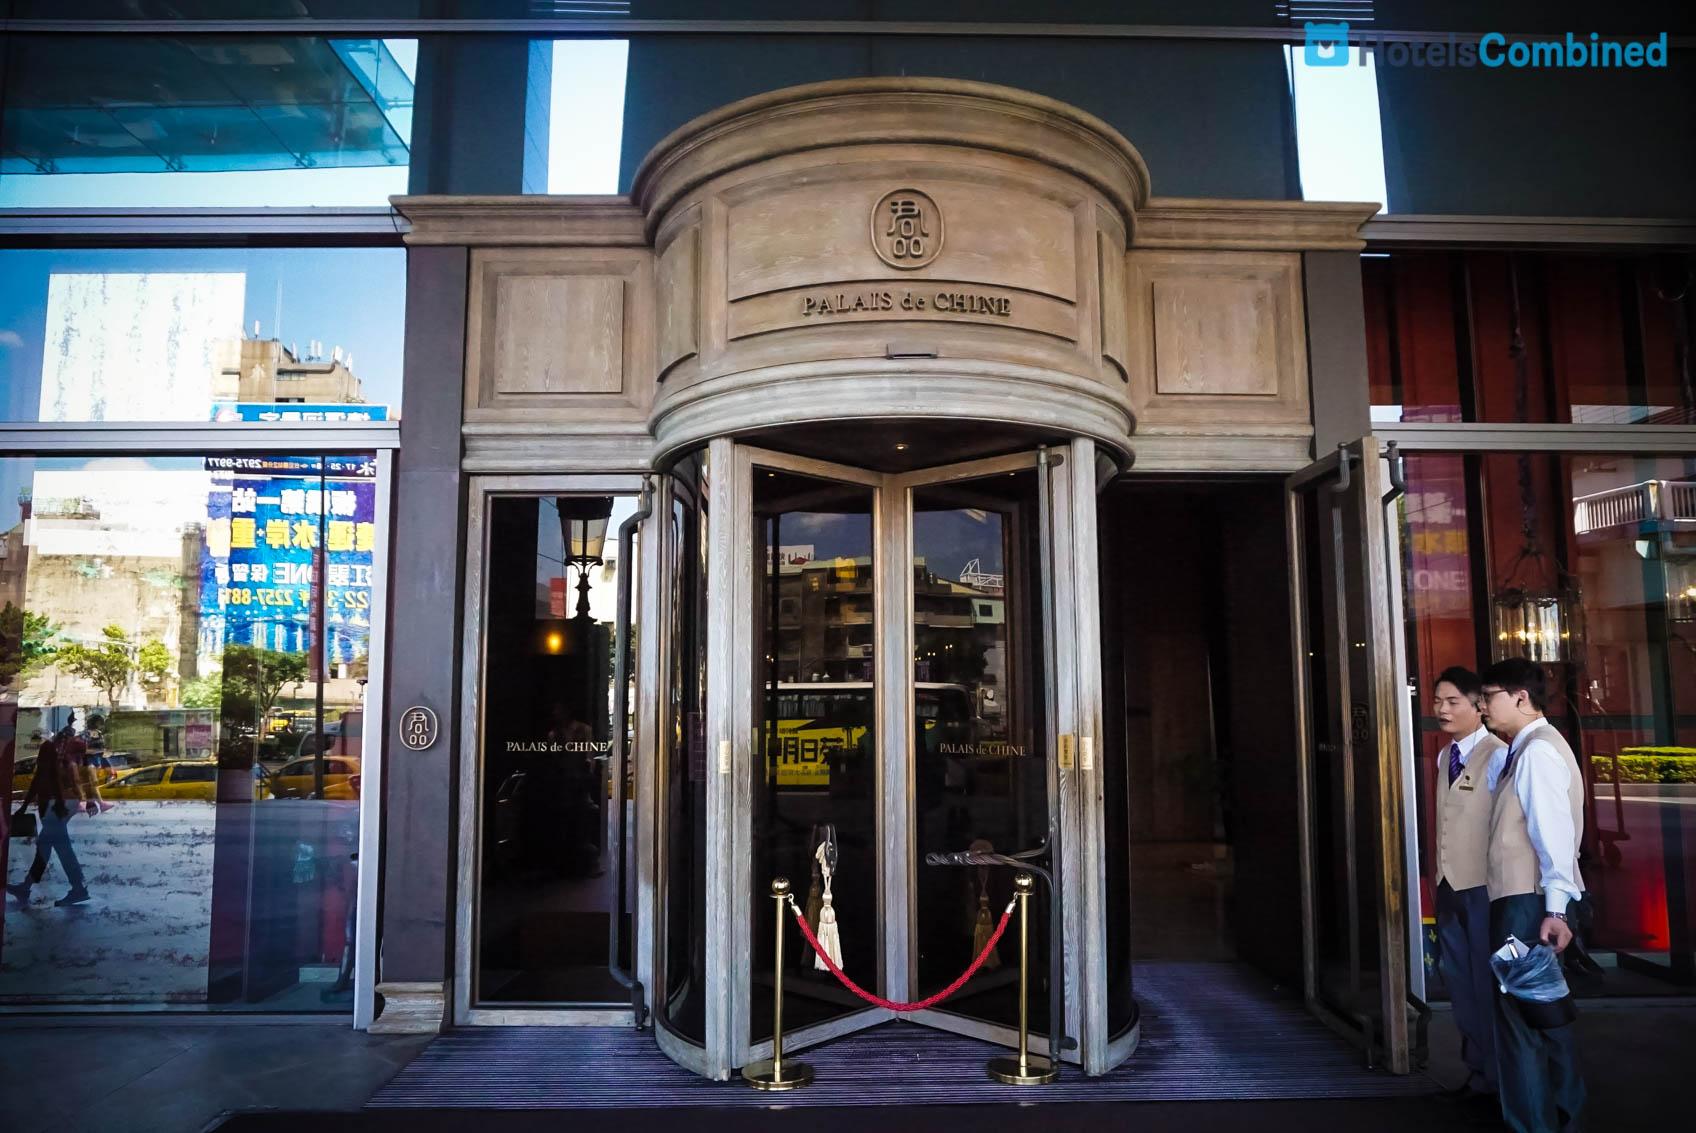 เริ่มต้นที่หน้าทางเข้าโรงแรม ซึ่งเดินเลี้ยวซ็ายออกจากห้าง Q Square ก็จะเจอแบบนี้เลย